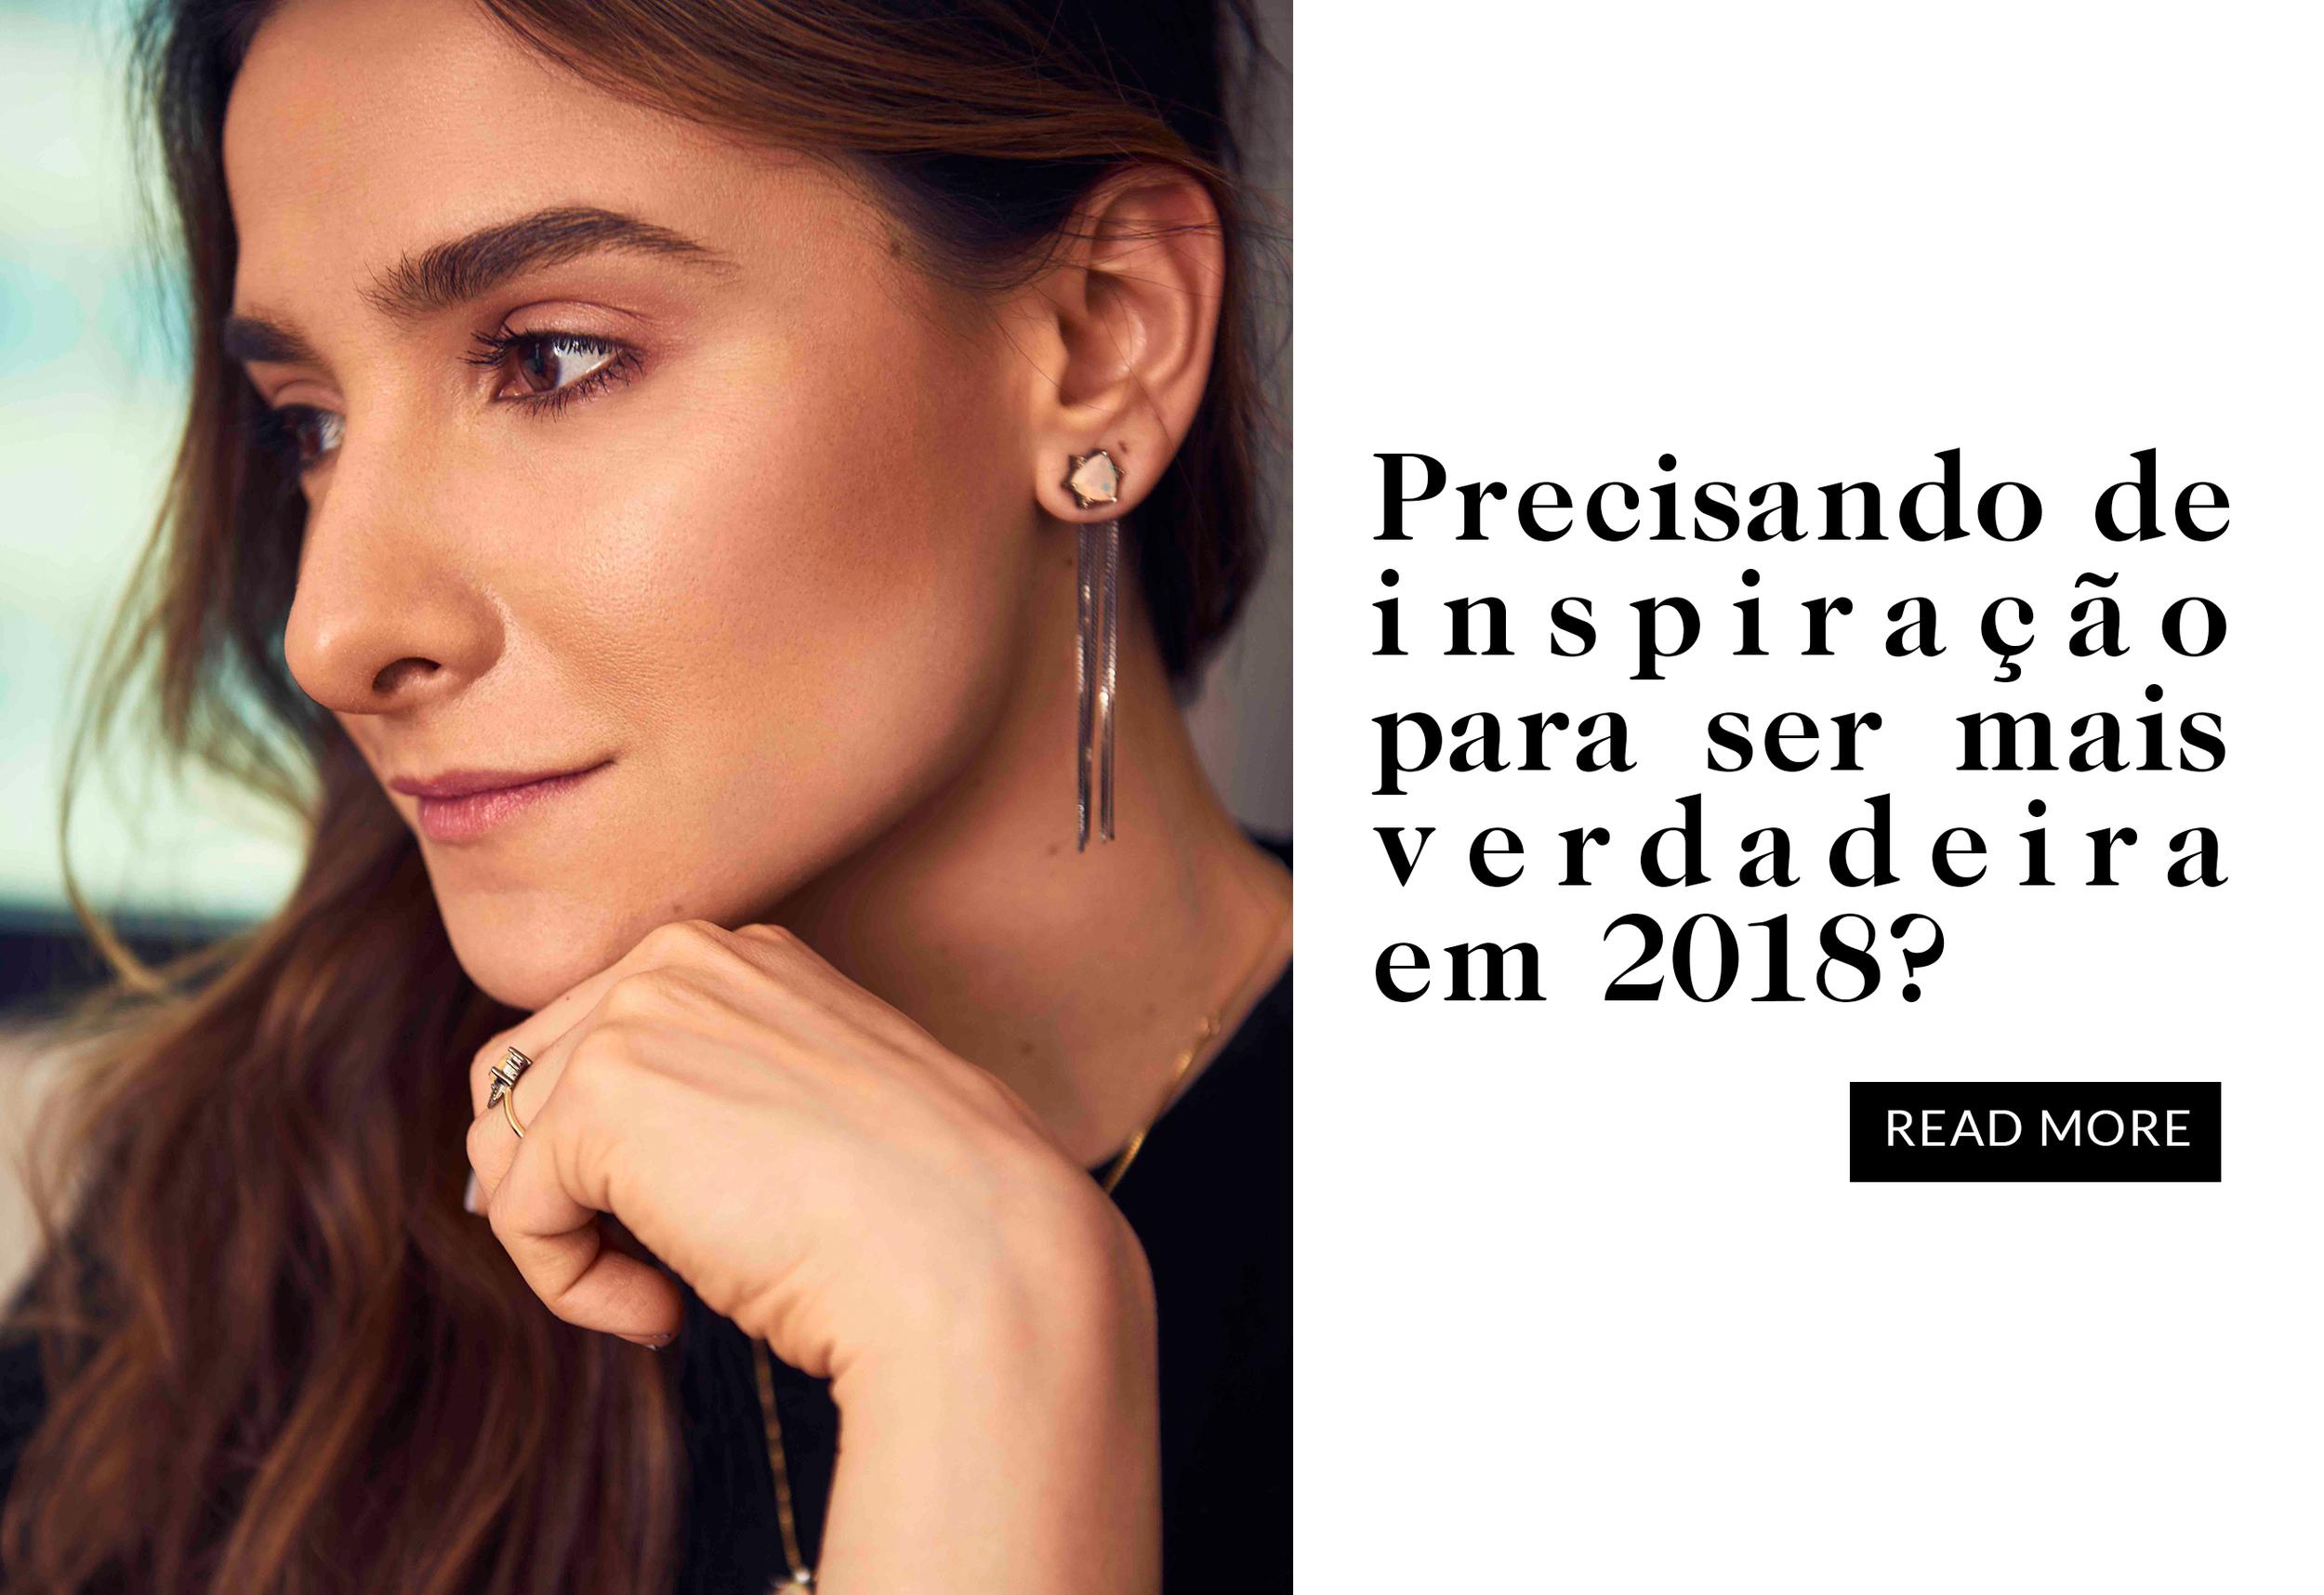 carol bassi slider - Precisando de inspiração para ser mais verdadeira em 2018?